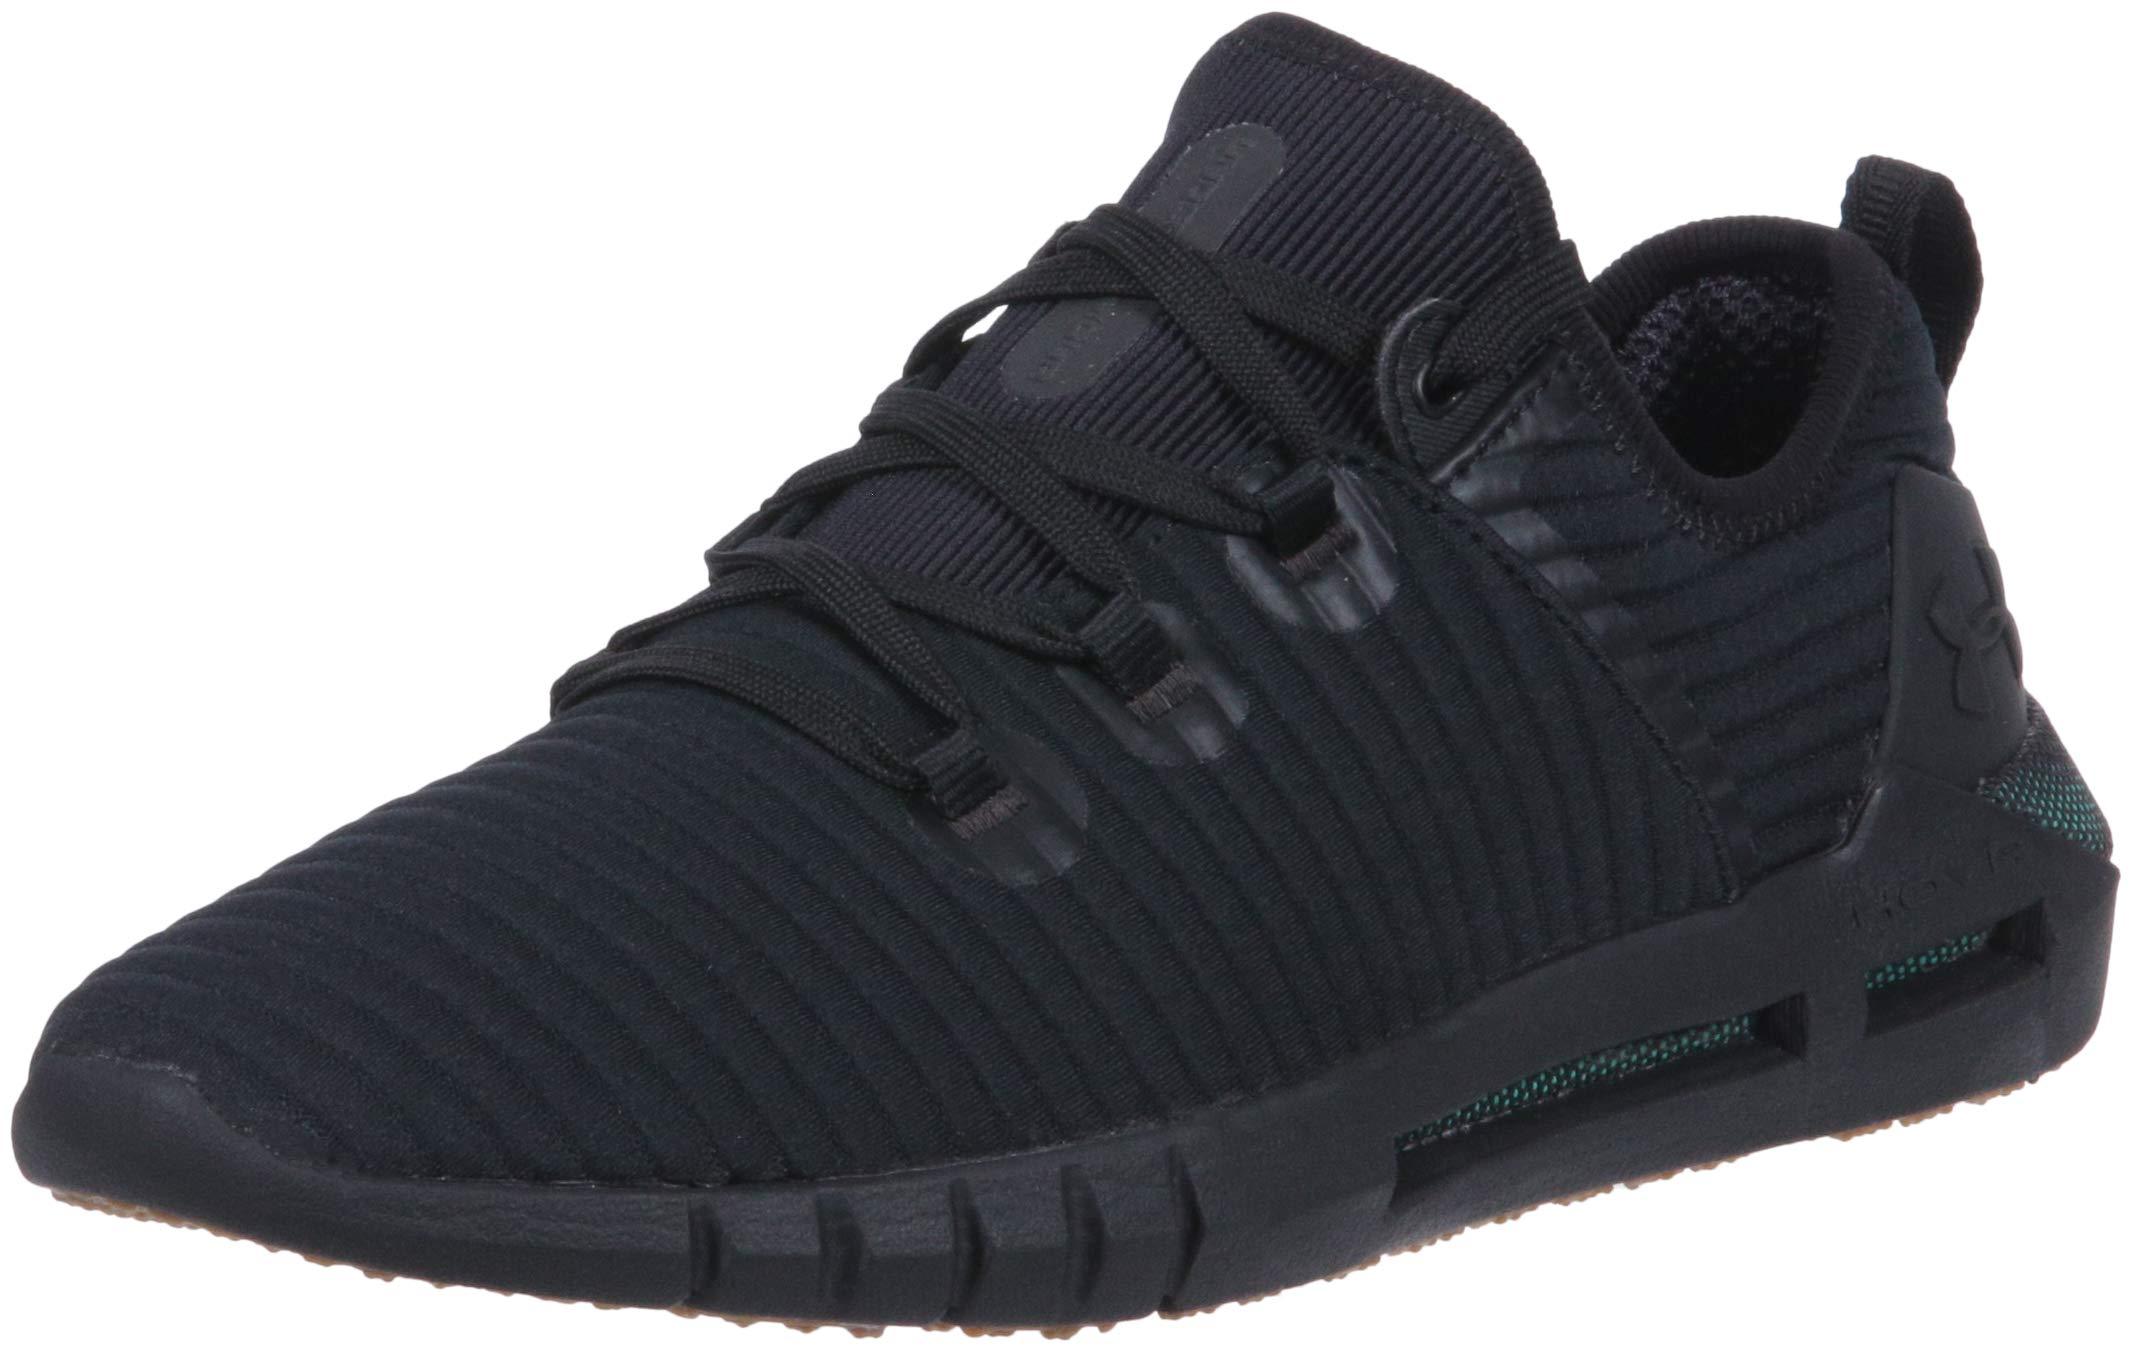 Under Armour Men's HOVR SLK LN Sneaker, Black (001)/Charcoal, 9.5